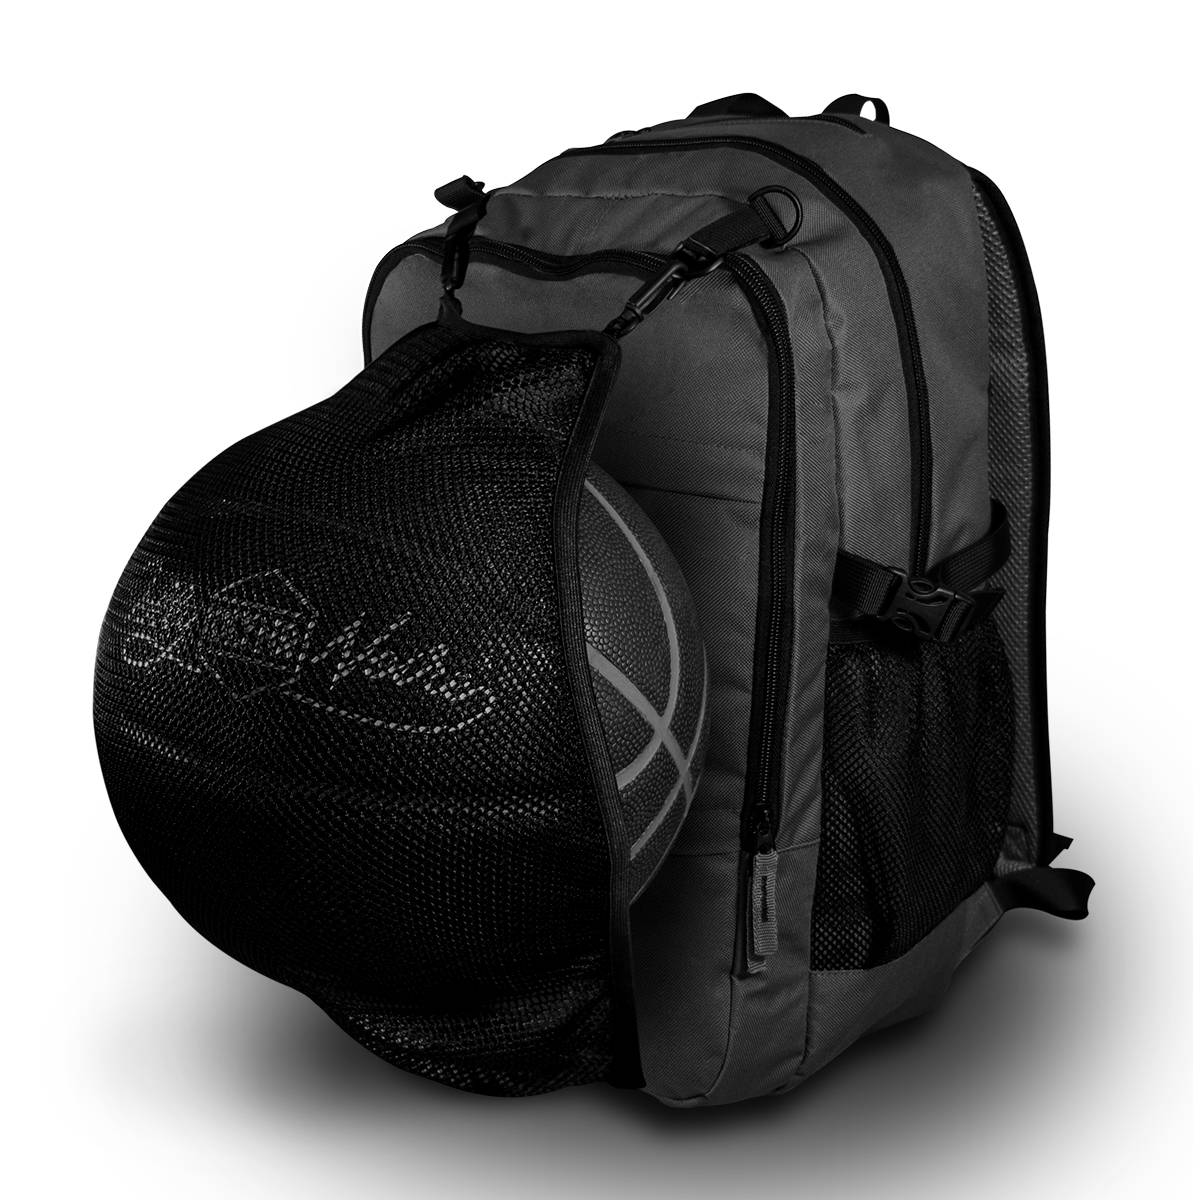 Zaino Pocket Backpack:   - Realizzato in Canvas Nylon 230D - Scomparto interno con tasca per il computer (13'') e scomparto ORGANIZER con tasche PORTA oggetti - Due tasche laterali in rete e due frontali - Logo ricamato 3D - Spallaccio ergonomico NECK Shape per il massimo del comfort - schienale comfort zone con 6 esagoni in AIR mesh - Cover Waterproof con dettaglio logo reflective - Rete porta pallone con tasca dedicata - Altezza 50 cm, Larghezza 32 cm, Profondità̀ 20 cm - CAPIENZA 30 LITRI Zaini Dolly Noire.